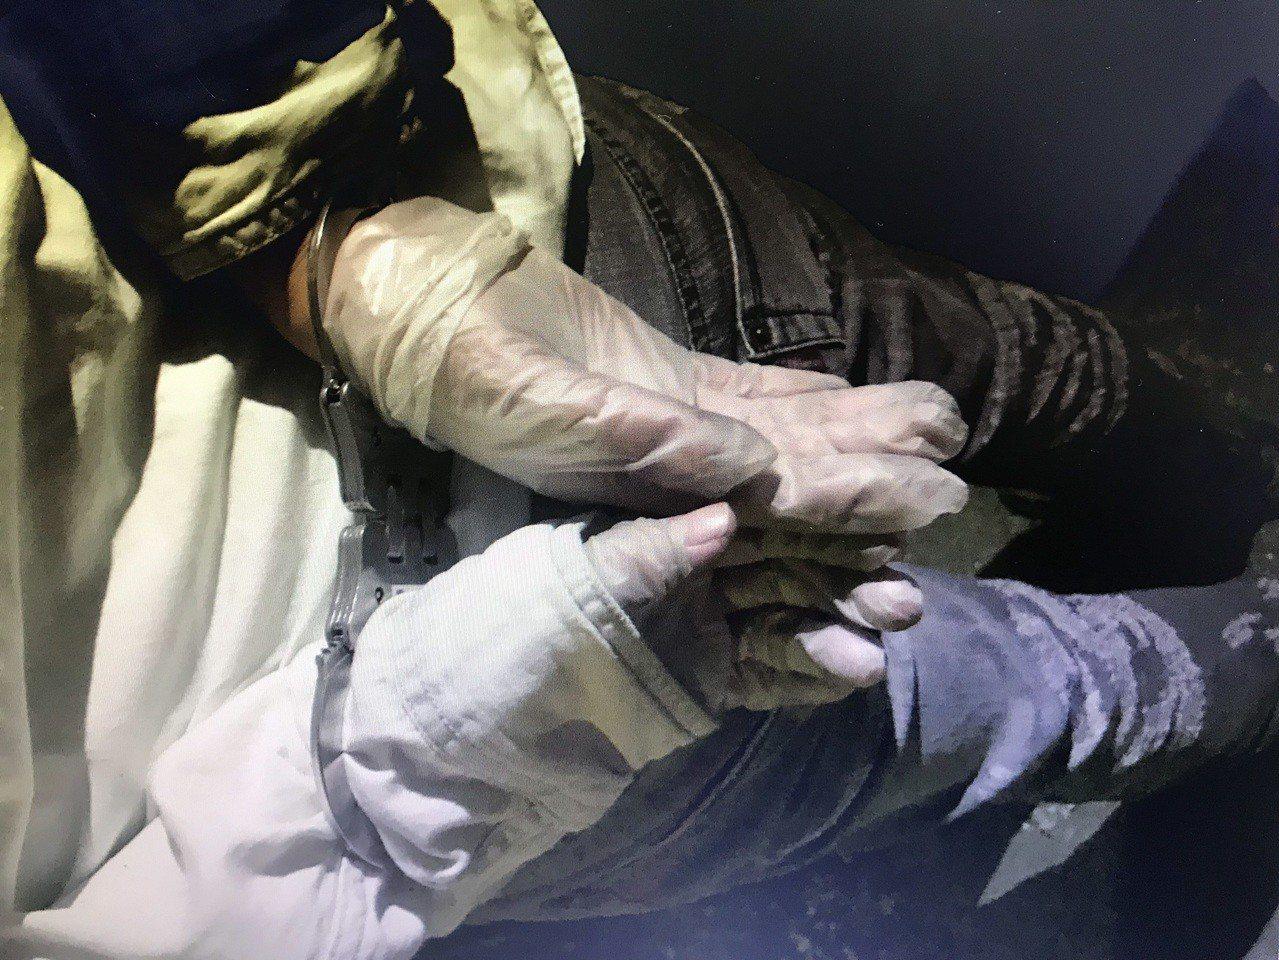 姜姓男子手戴塑膠手套,避免形跡敗露。記者林伯驊/翻攝